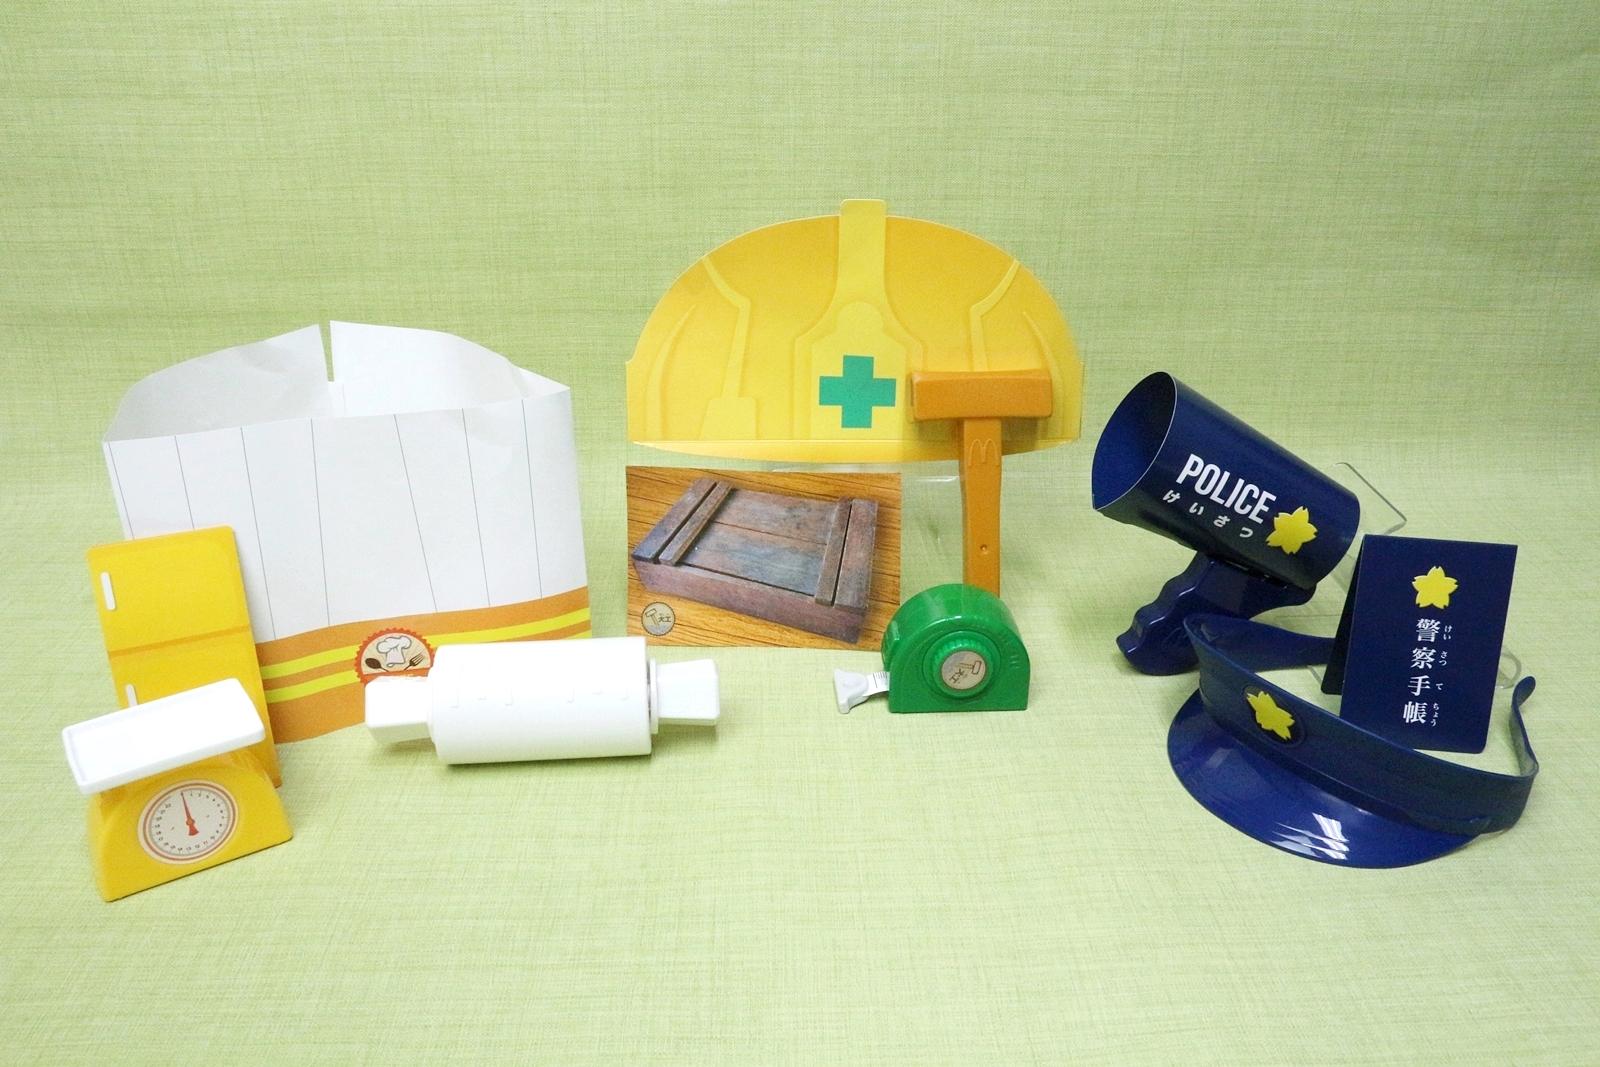 第1弾のおもちゃ。左から「シェフ」、「大工さん」、「警察官」